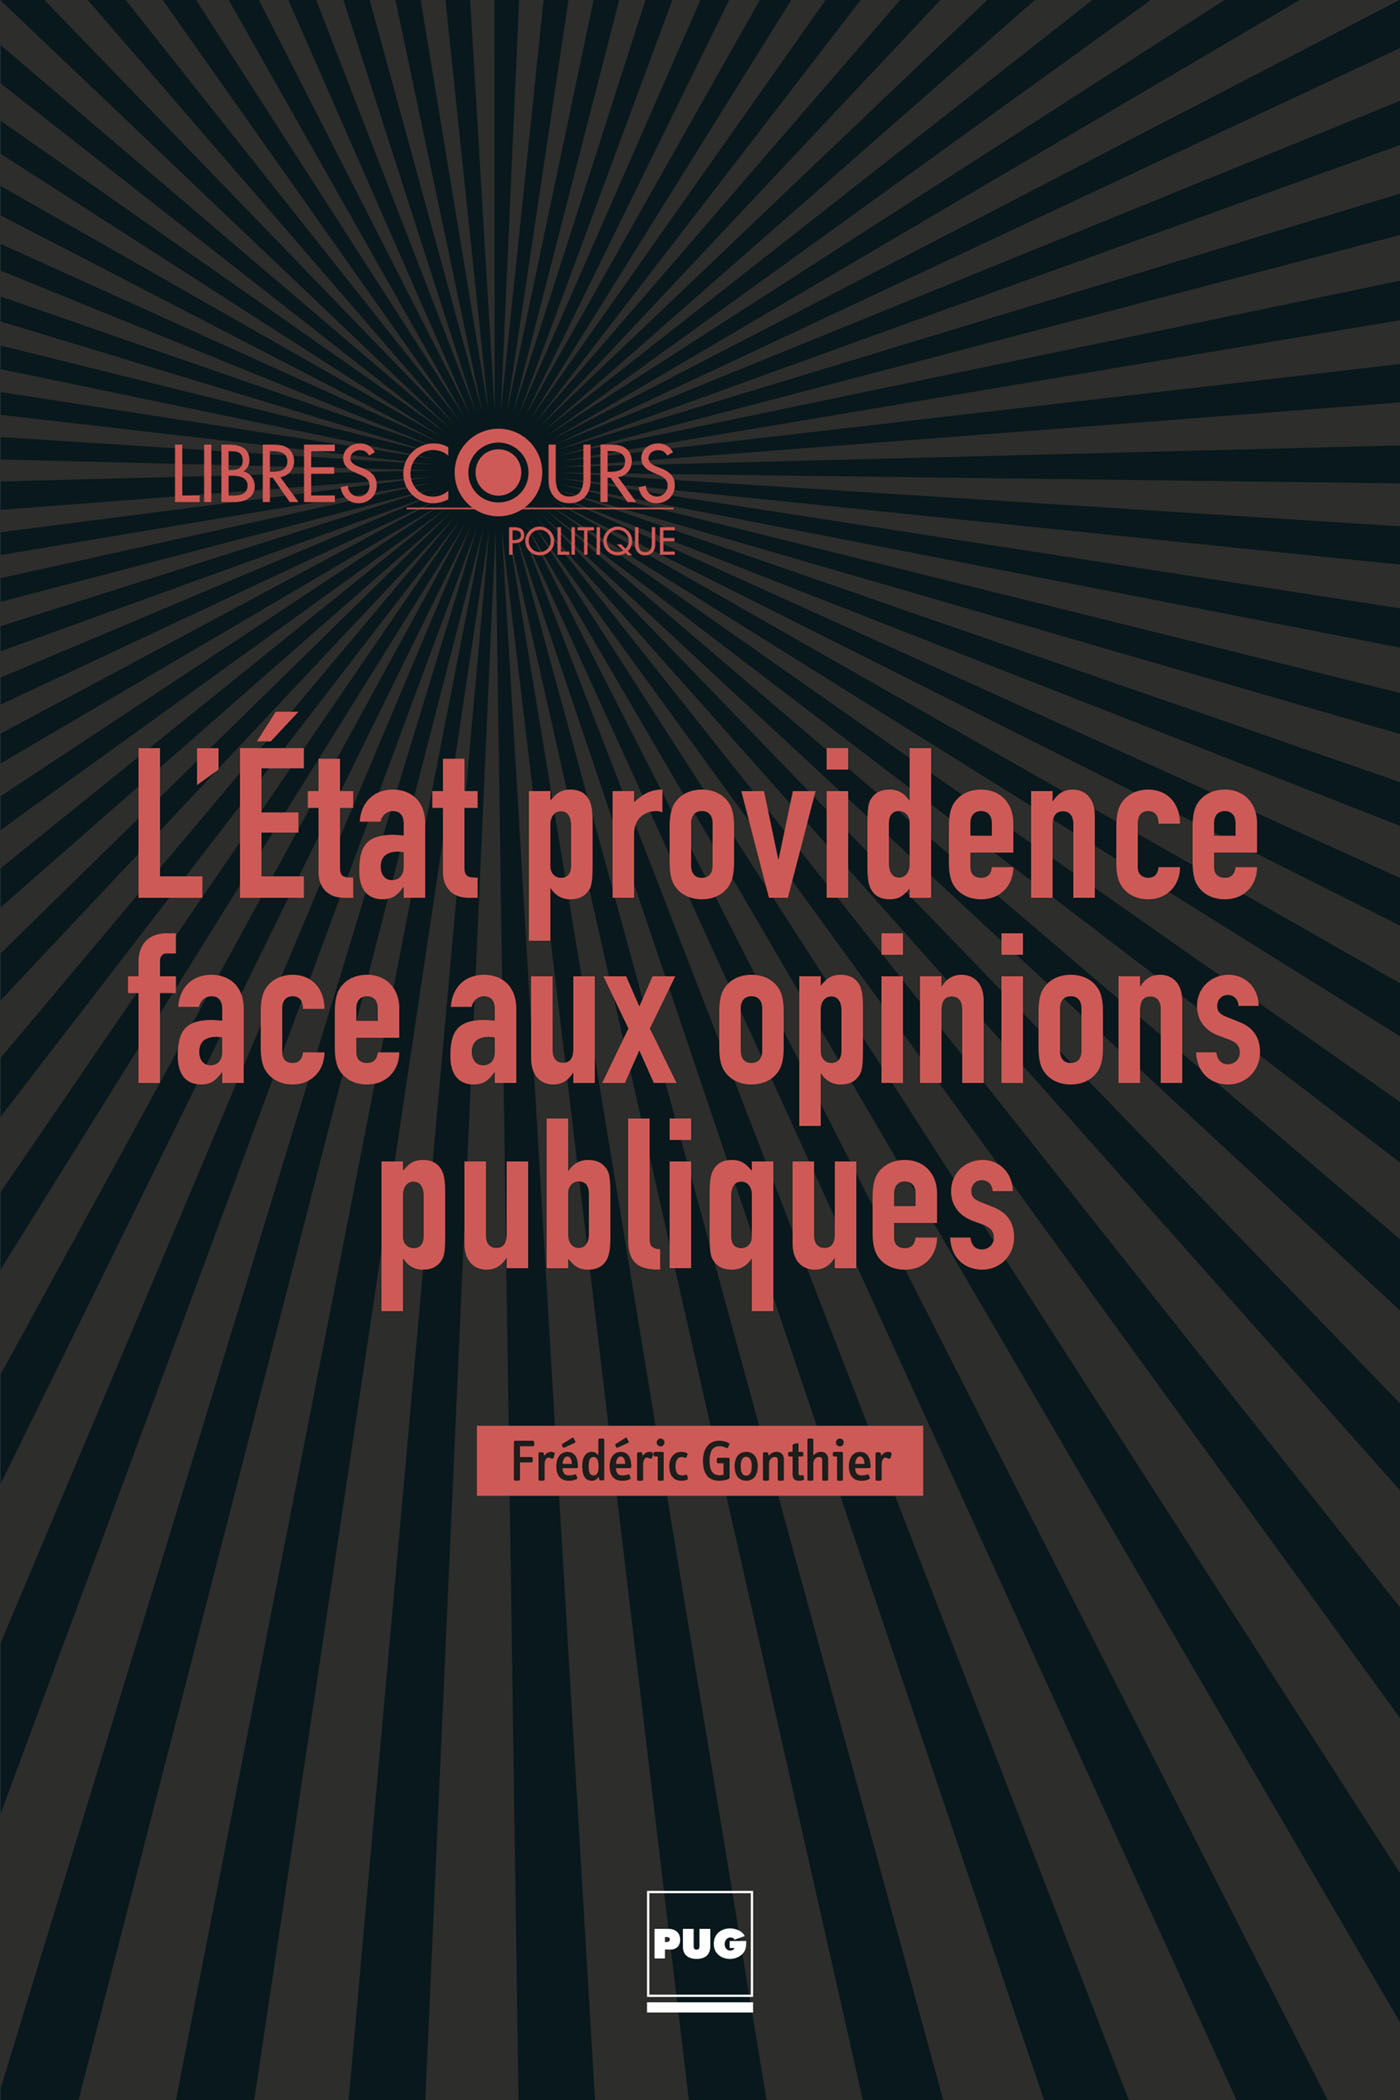 L'Etat providence face aux opinions publiques